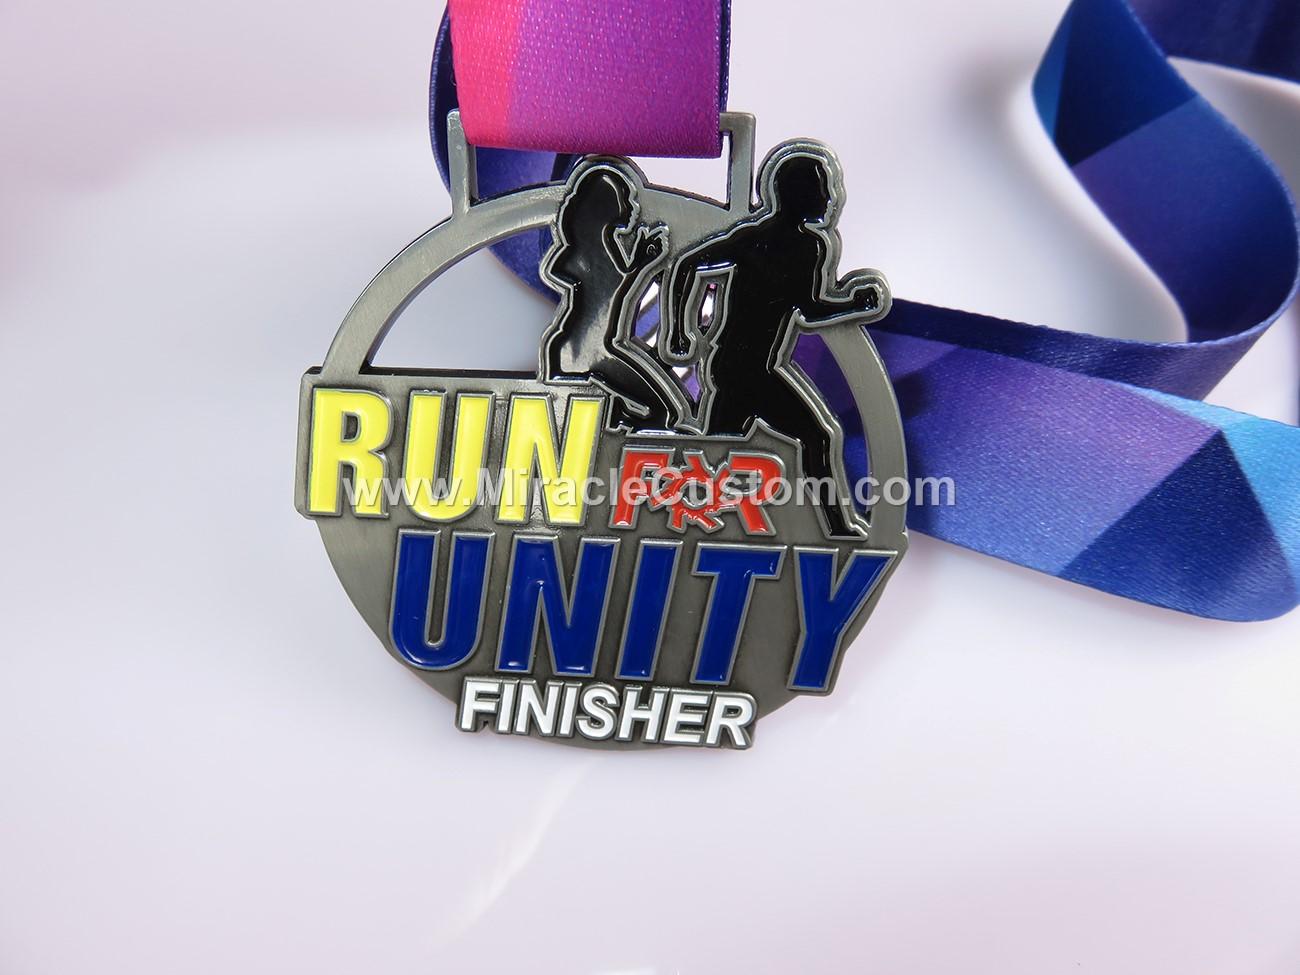 custom medals for running